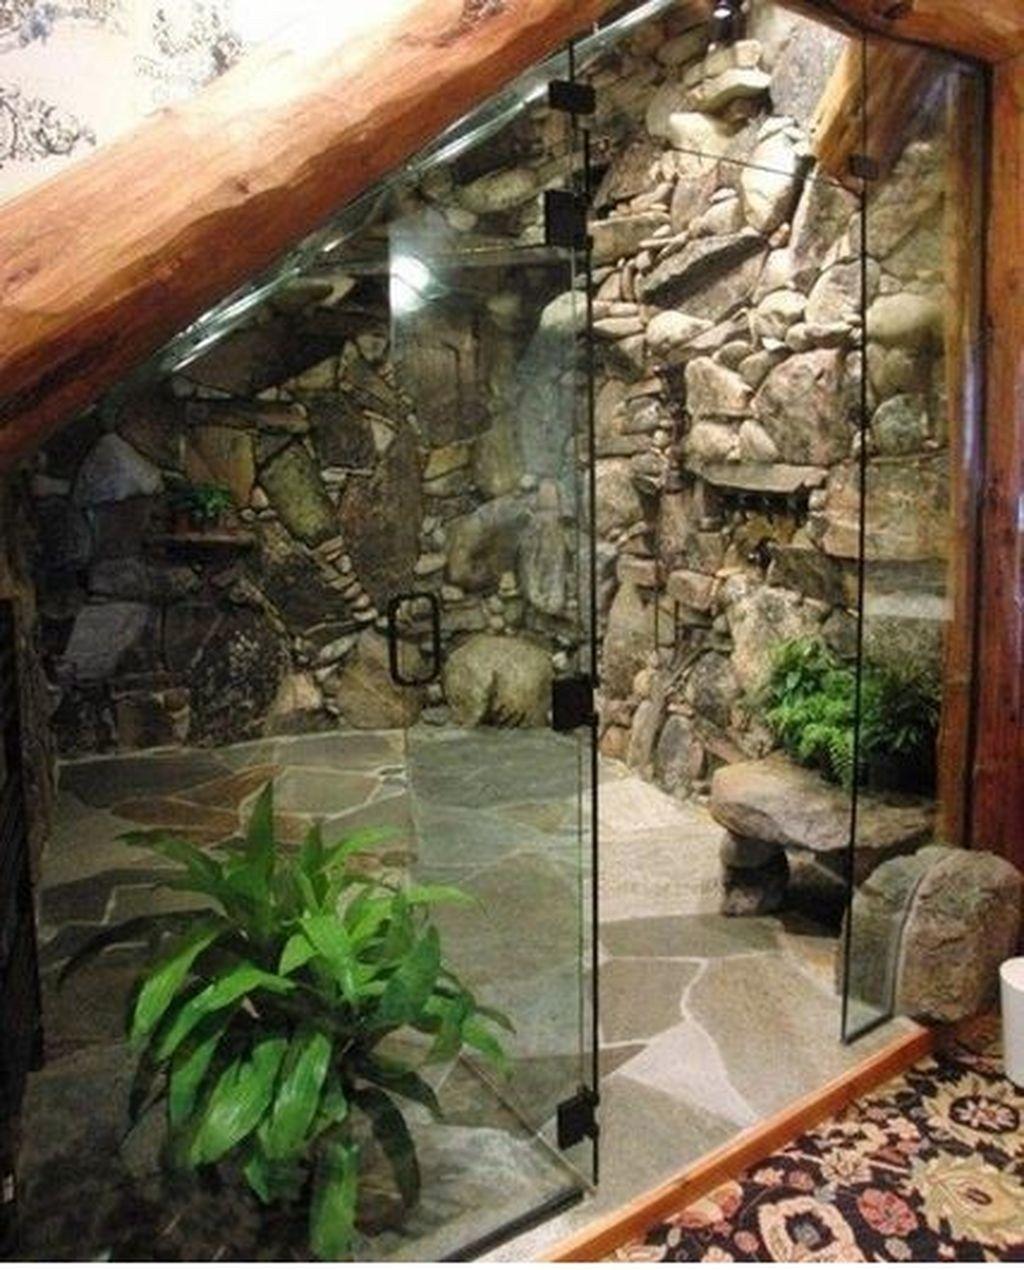 Inspiring Jungle Bathroom Decor Ideas 20